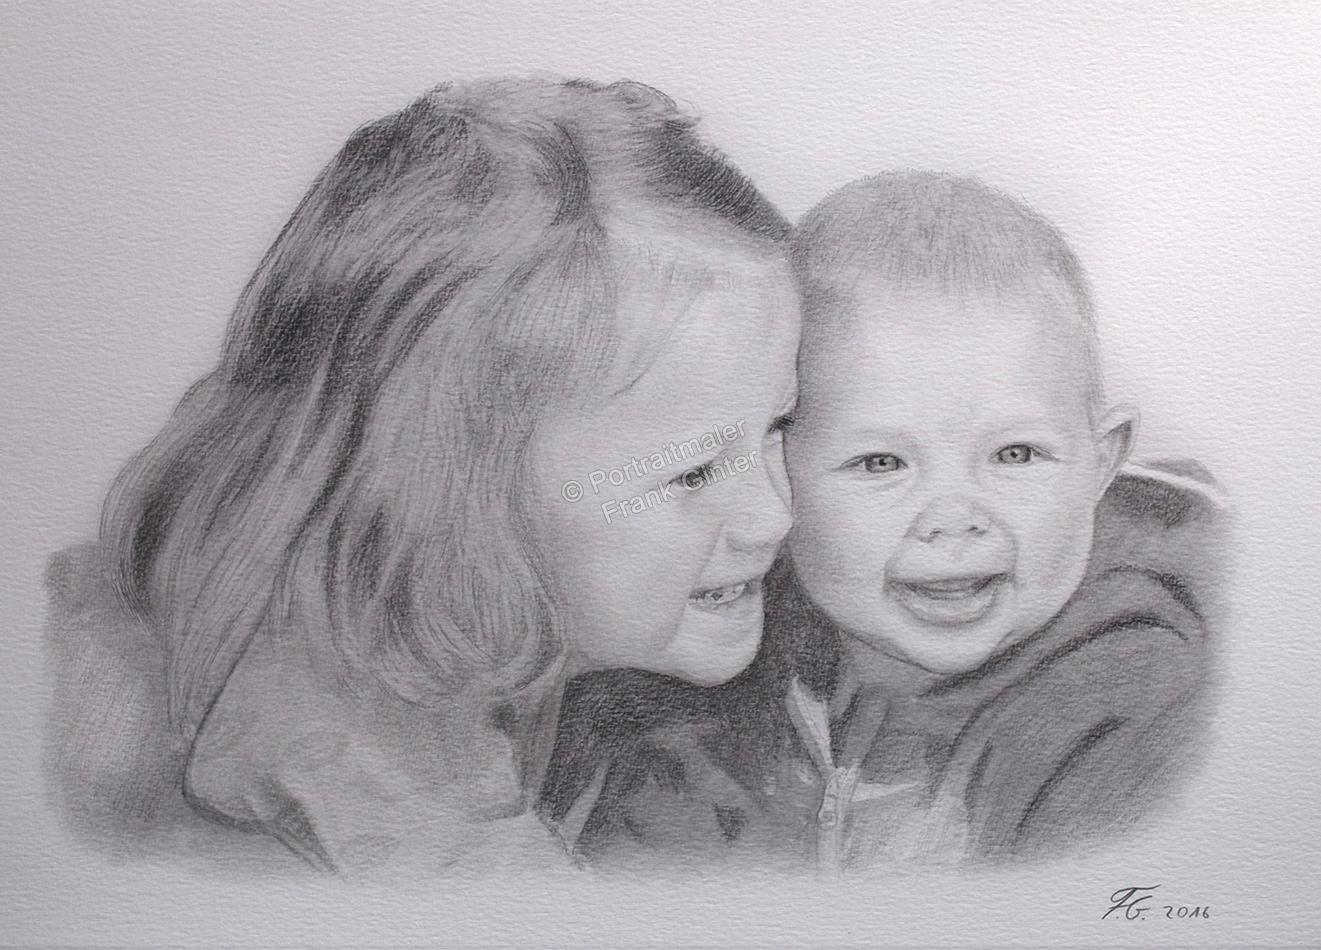 Bleistiftzeichnungen, Portraitzeichnung - Kinder, Baby, Bleistiftzeichnung, Kinder-Portraits Geschwister